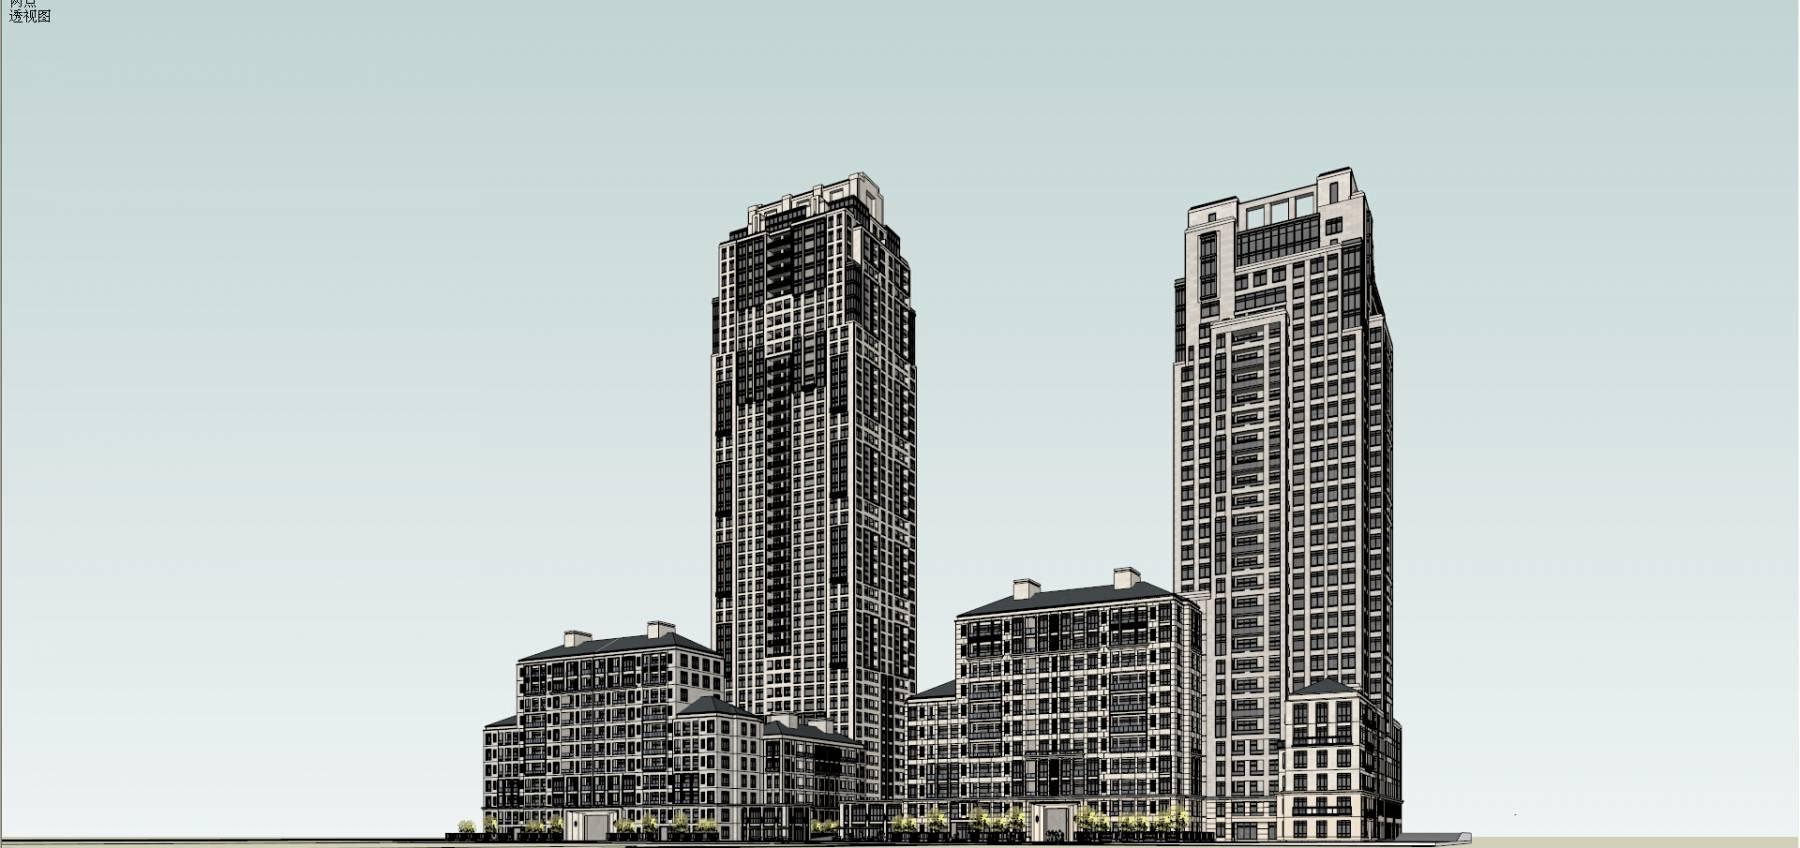 重庆江北万科溉澜溪  斯特恩  大都会风格